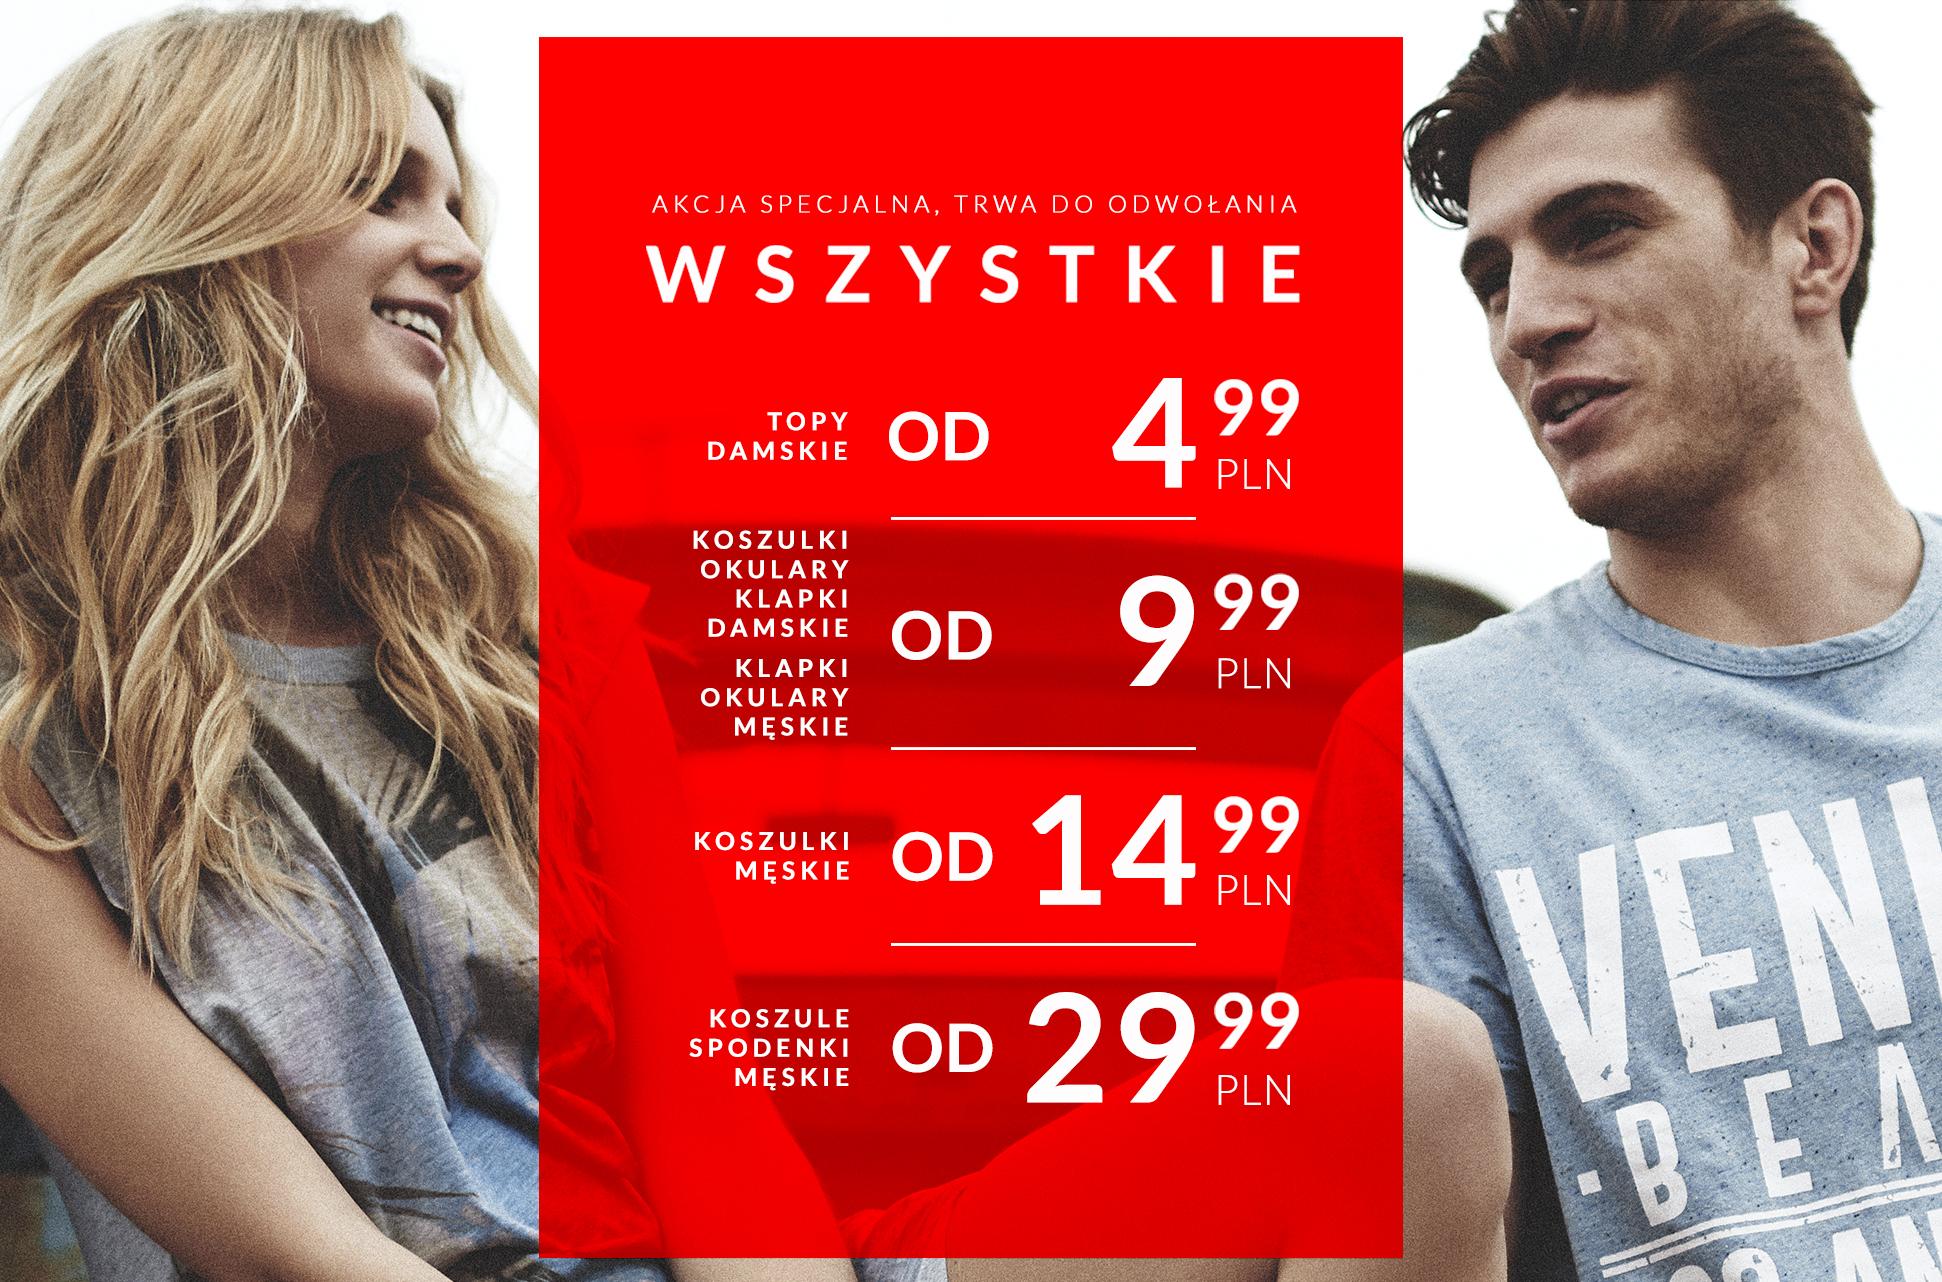 Topy od 4,99zł, koszulki męskie od 14,99zł i wiele innych produktów w wyjątkowo niskich cenach @ Diverse